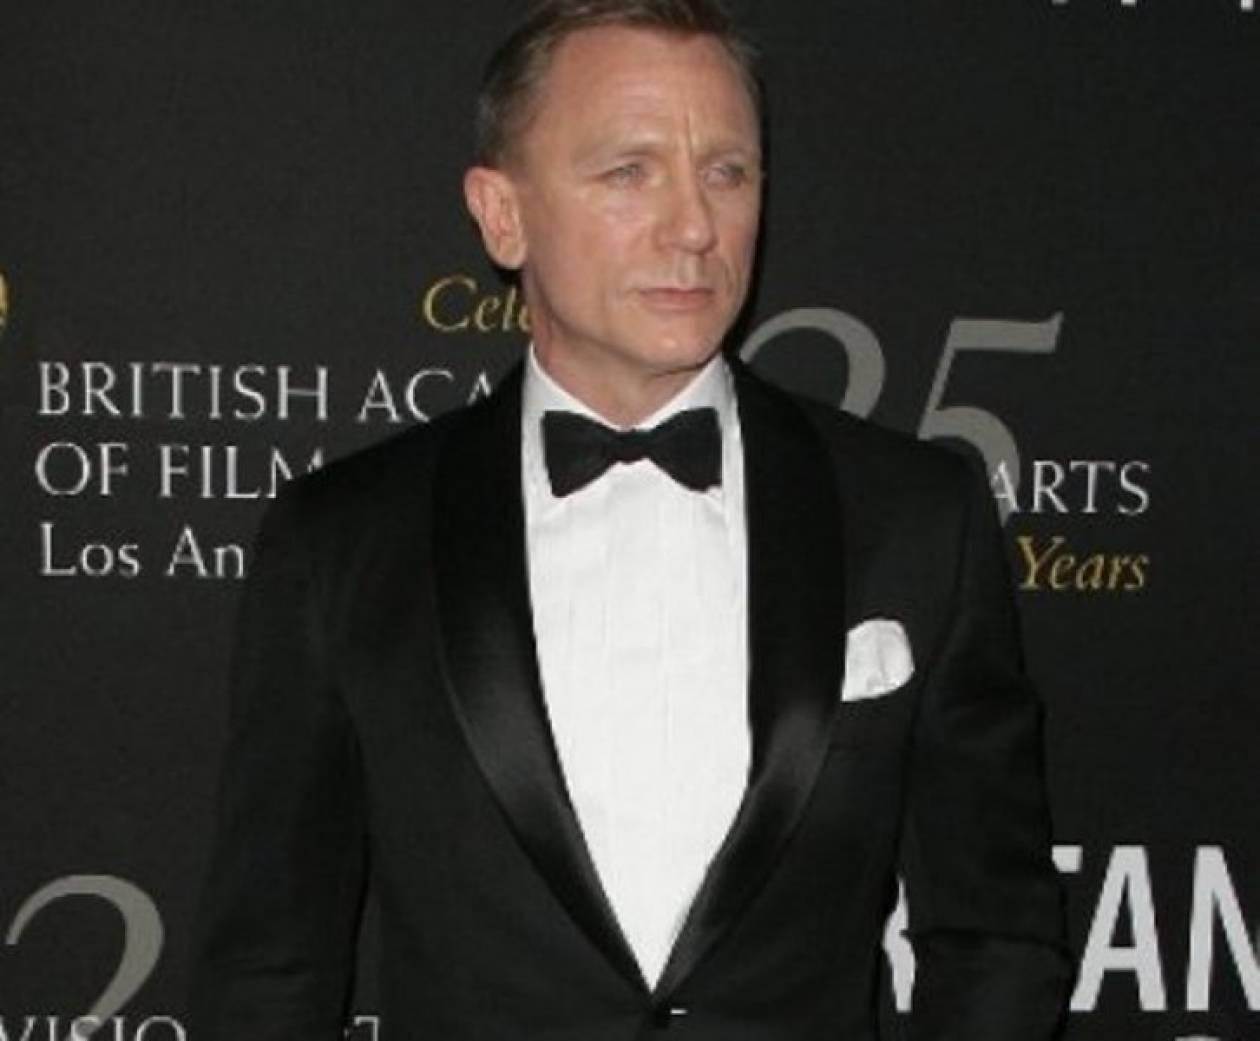 Daniel Craig: Ποιον όρισε διάδοχό του για τον ρόλο του Bond;